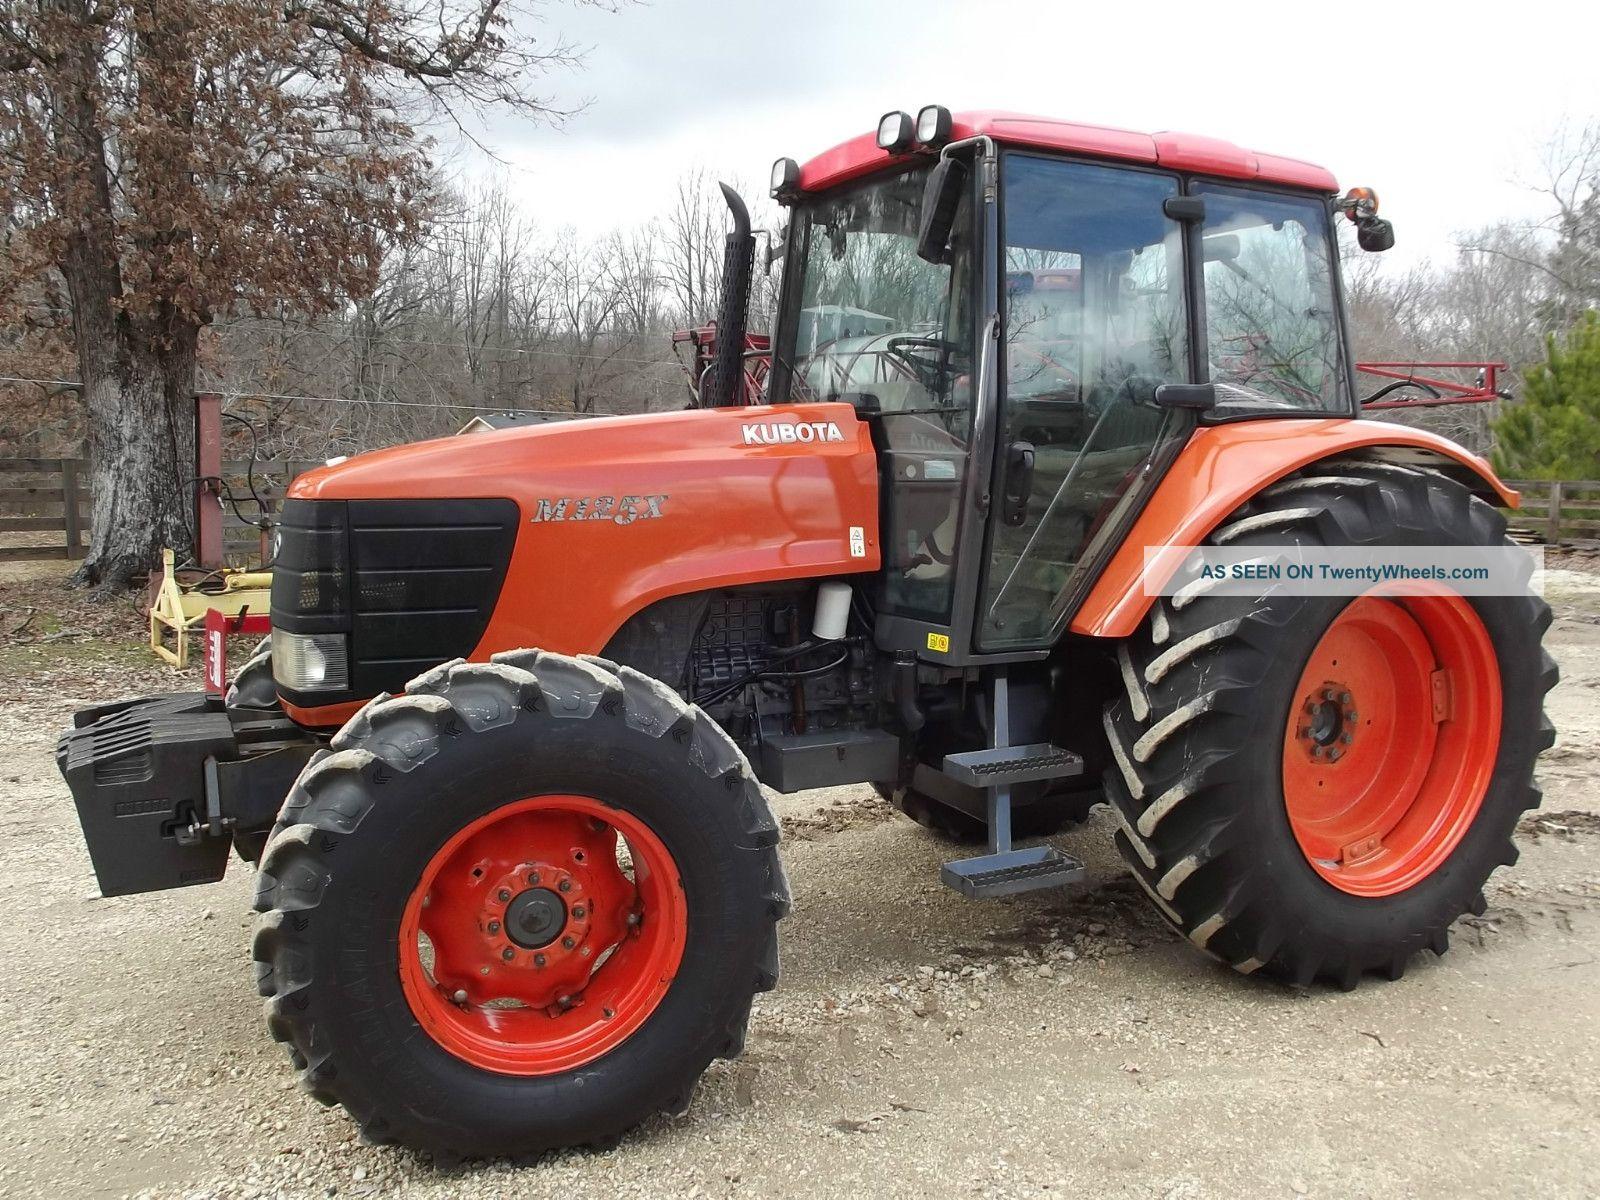 M125 X Kubota Cab Tractor